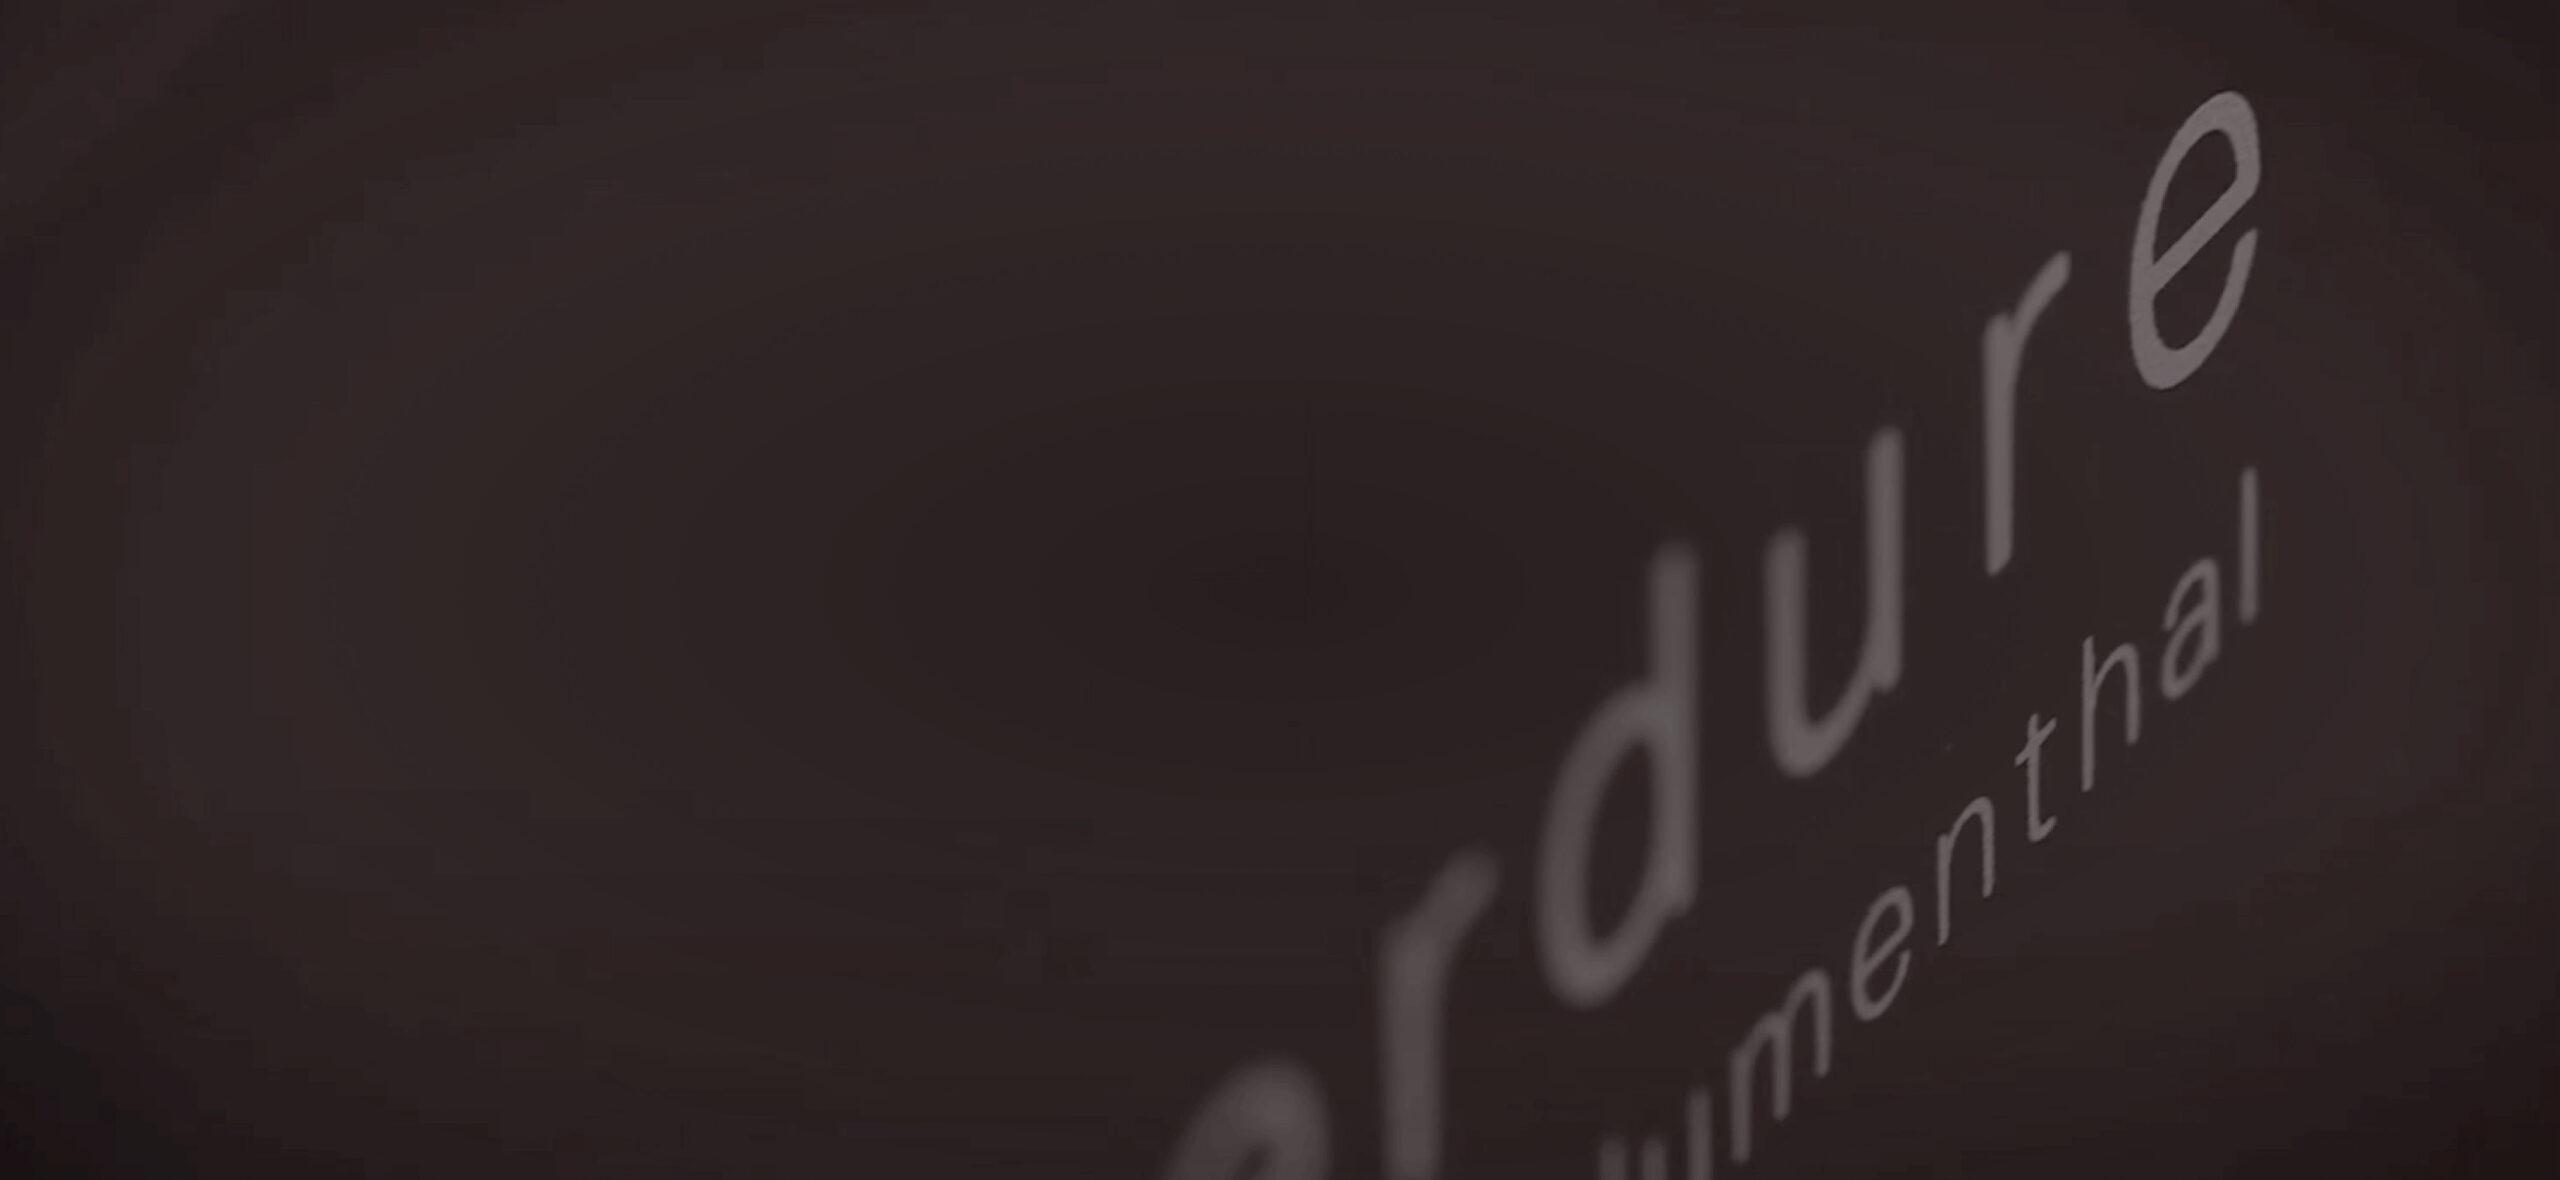 Everdure logo on hub